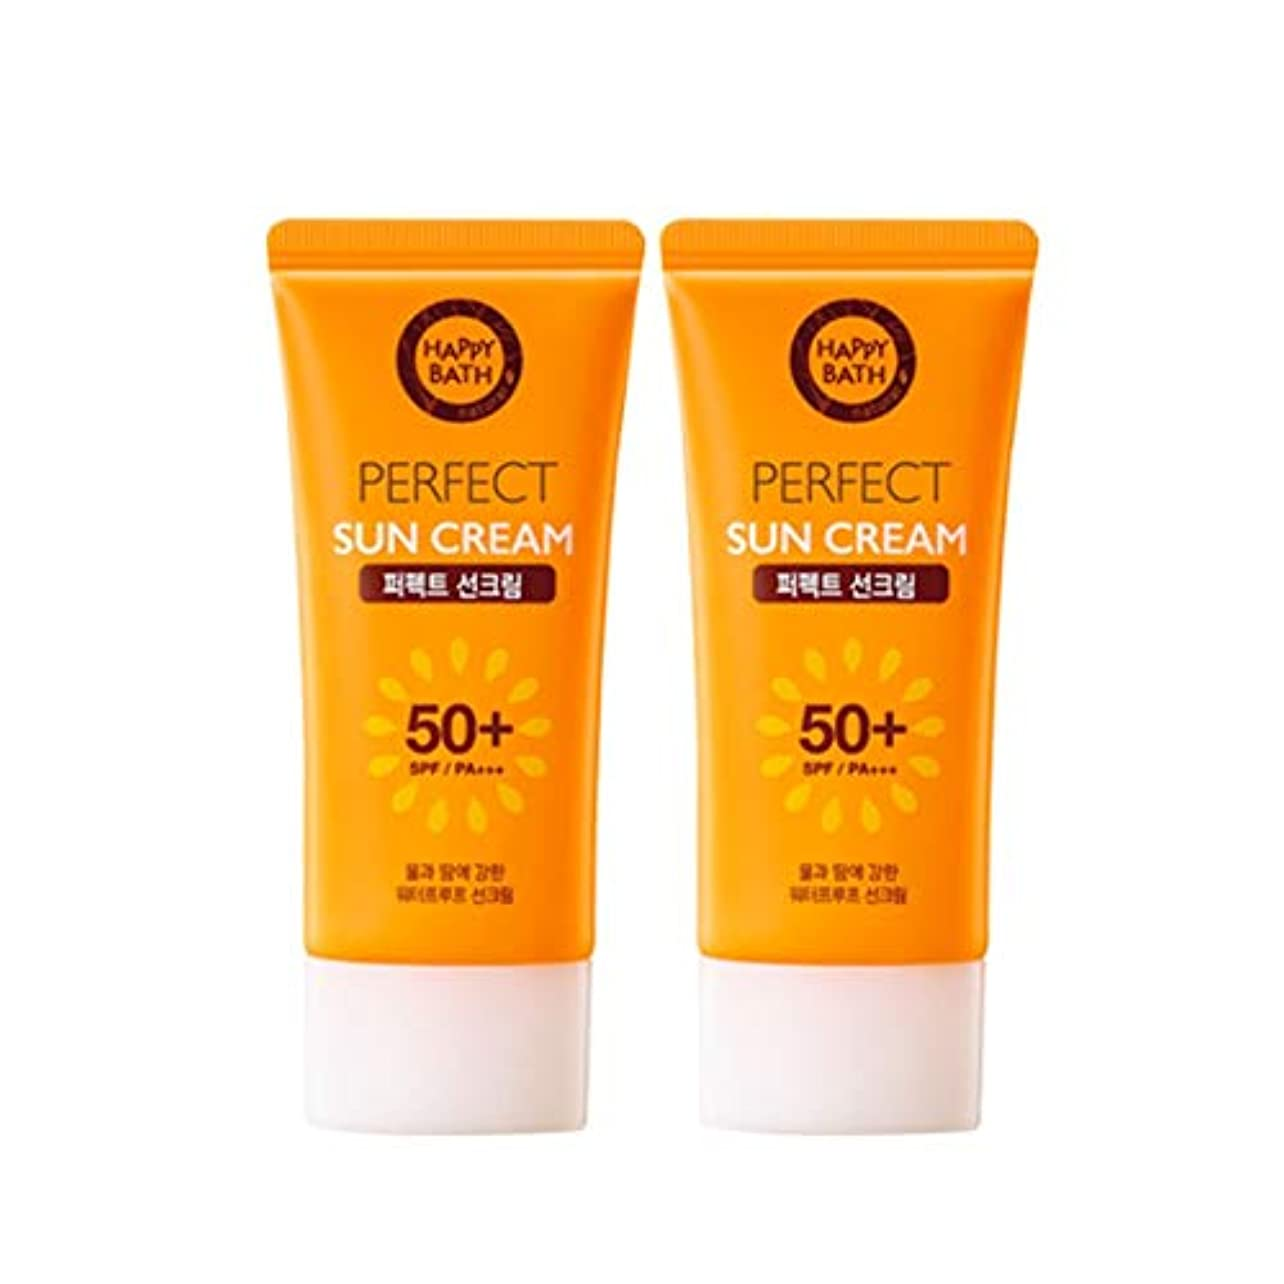 幸福エレガント細断ハッピーバスパーフェクトサンクリーム 80gx2本セット韓国コスメ、Happy Bath Perfect Sun Cream 80g x 2ea Set Korean Cosmetics [並行輸入品]